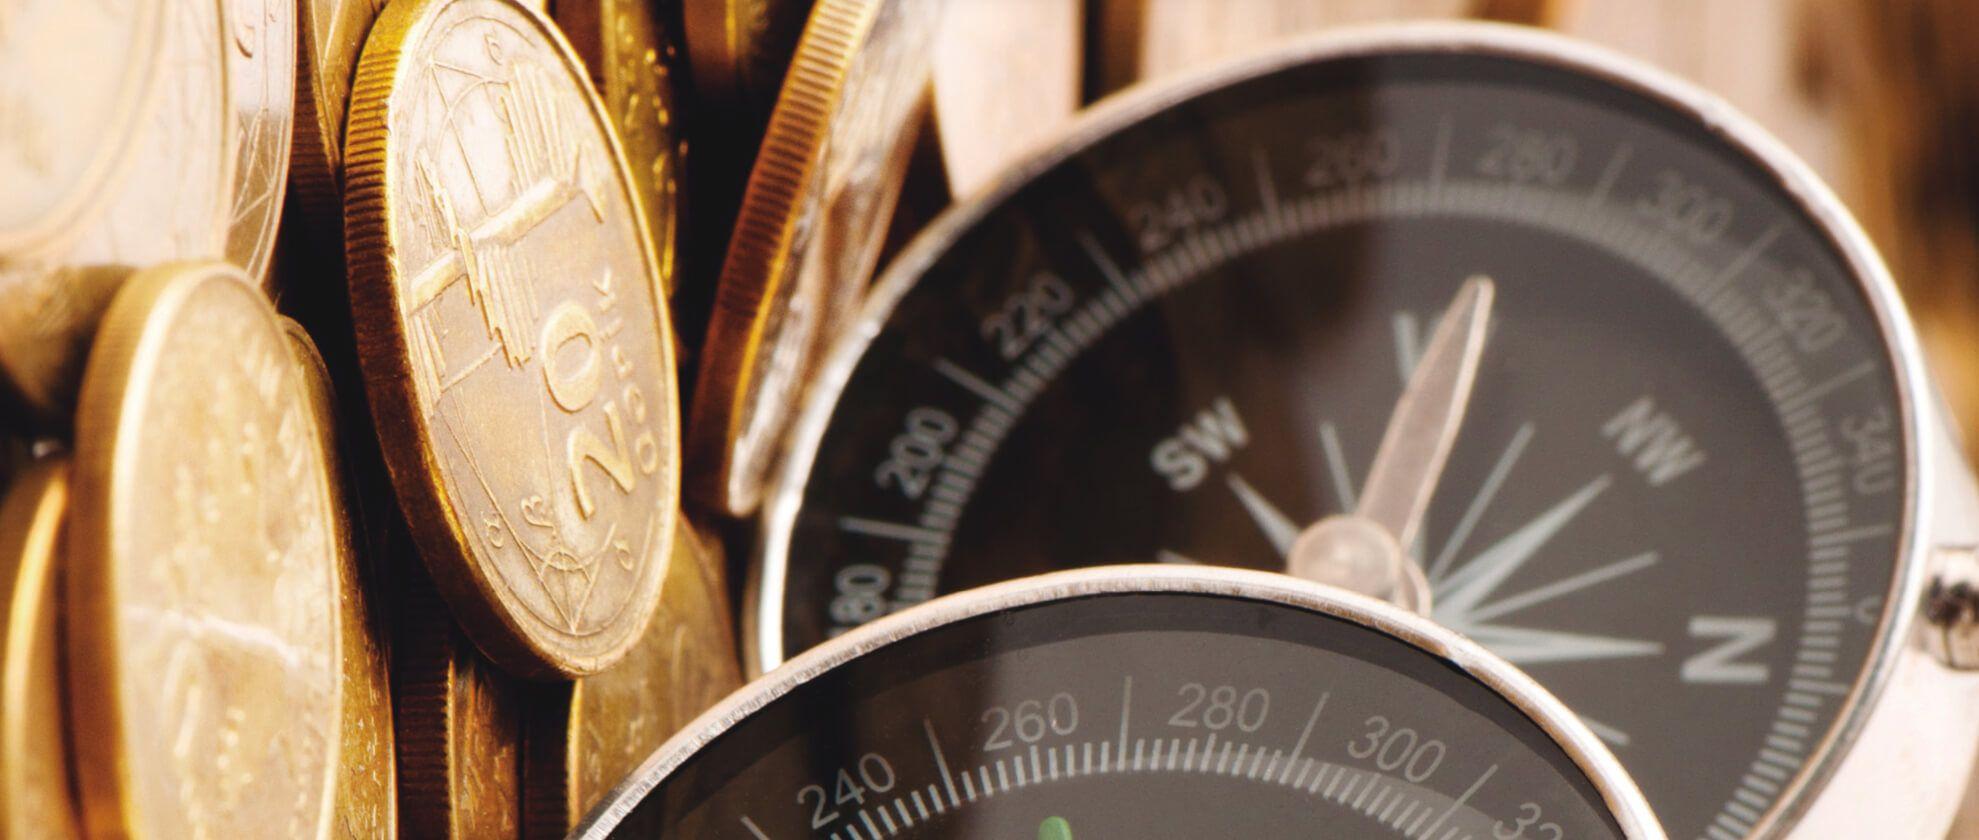 La gestión alternativa, opción atractiva para la inversión a medio-largo plazo